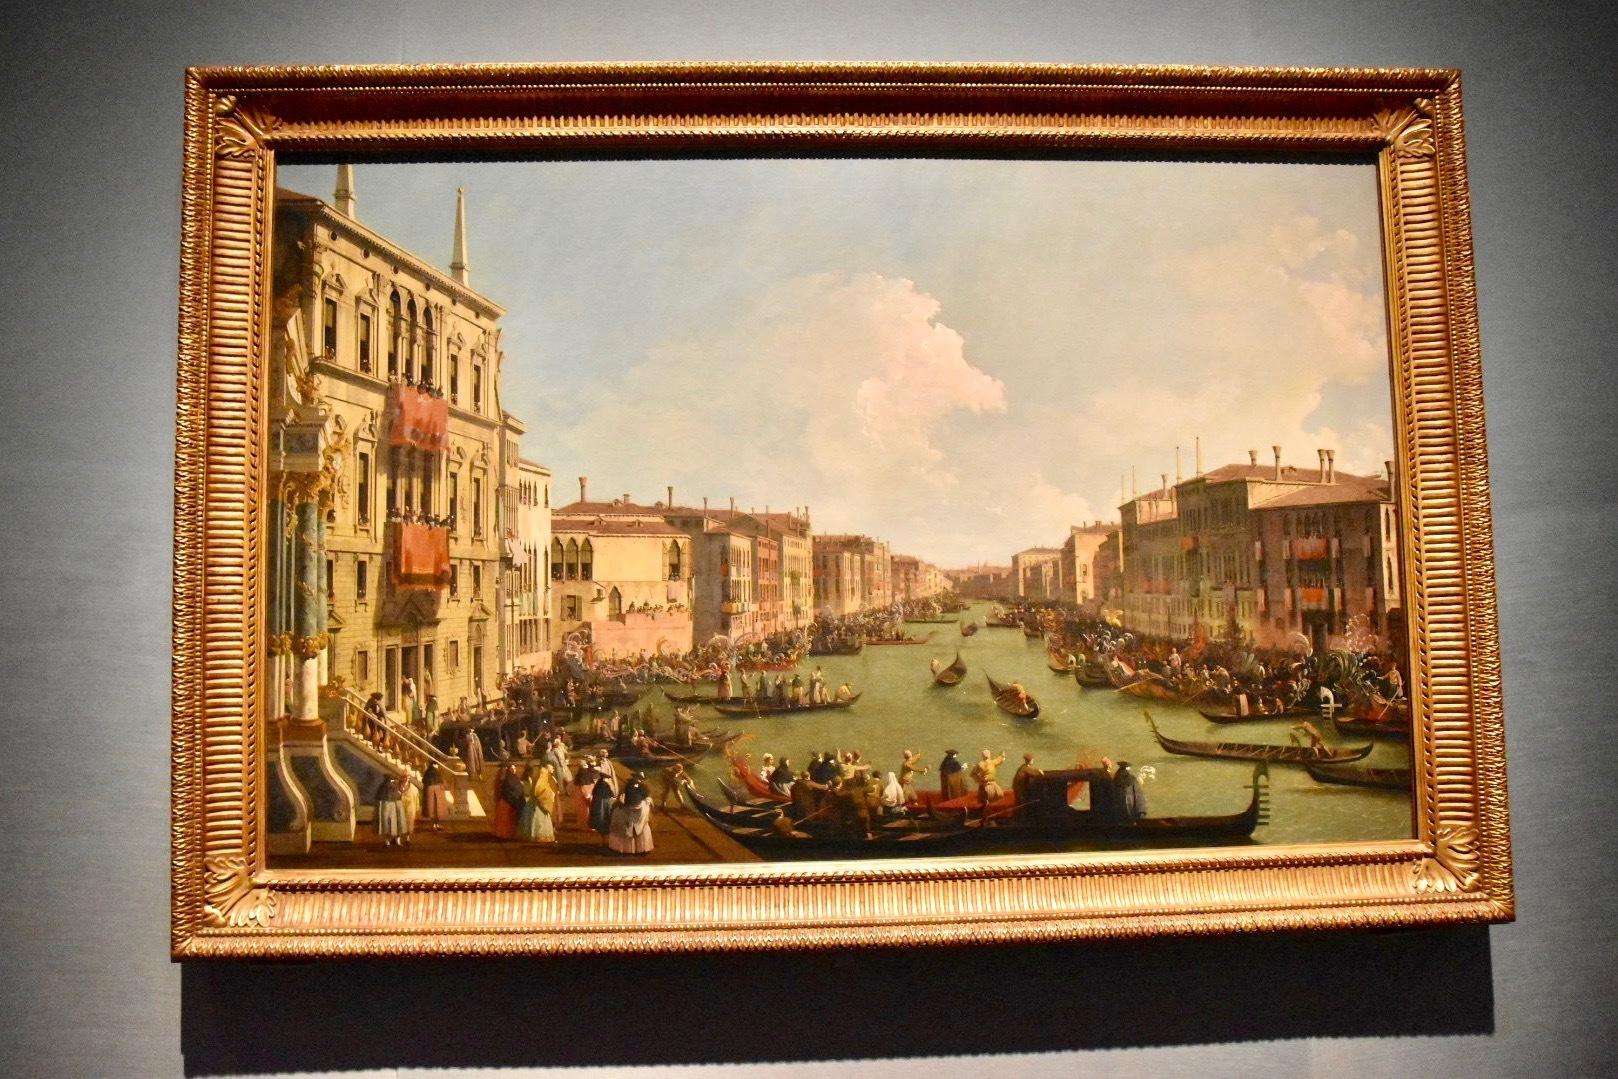 カナレット(本名ジョヴァンニ・アントニオ・カナル)《ヴェネツィア:大運河のレガッタ》1735年頃